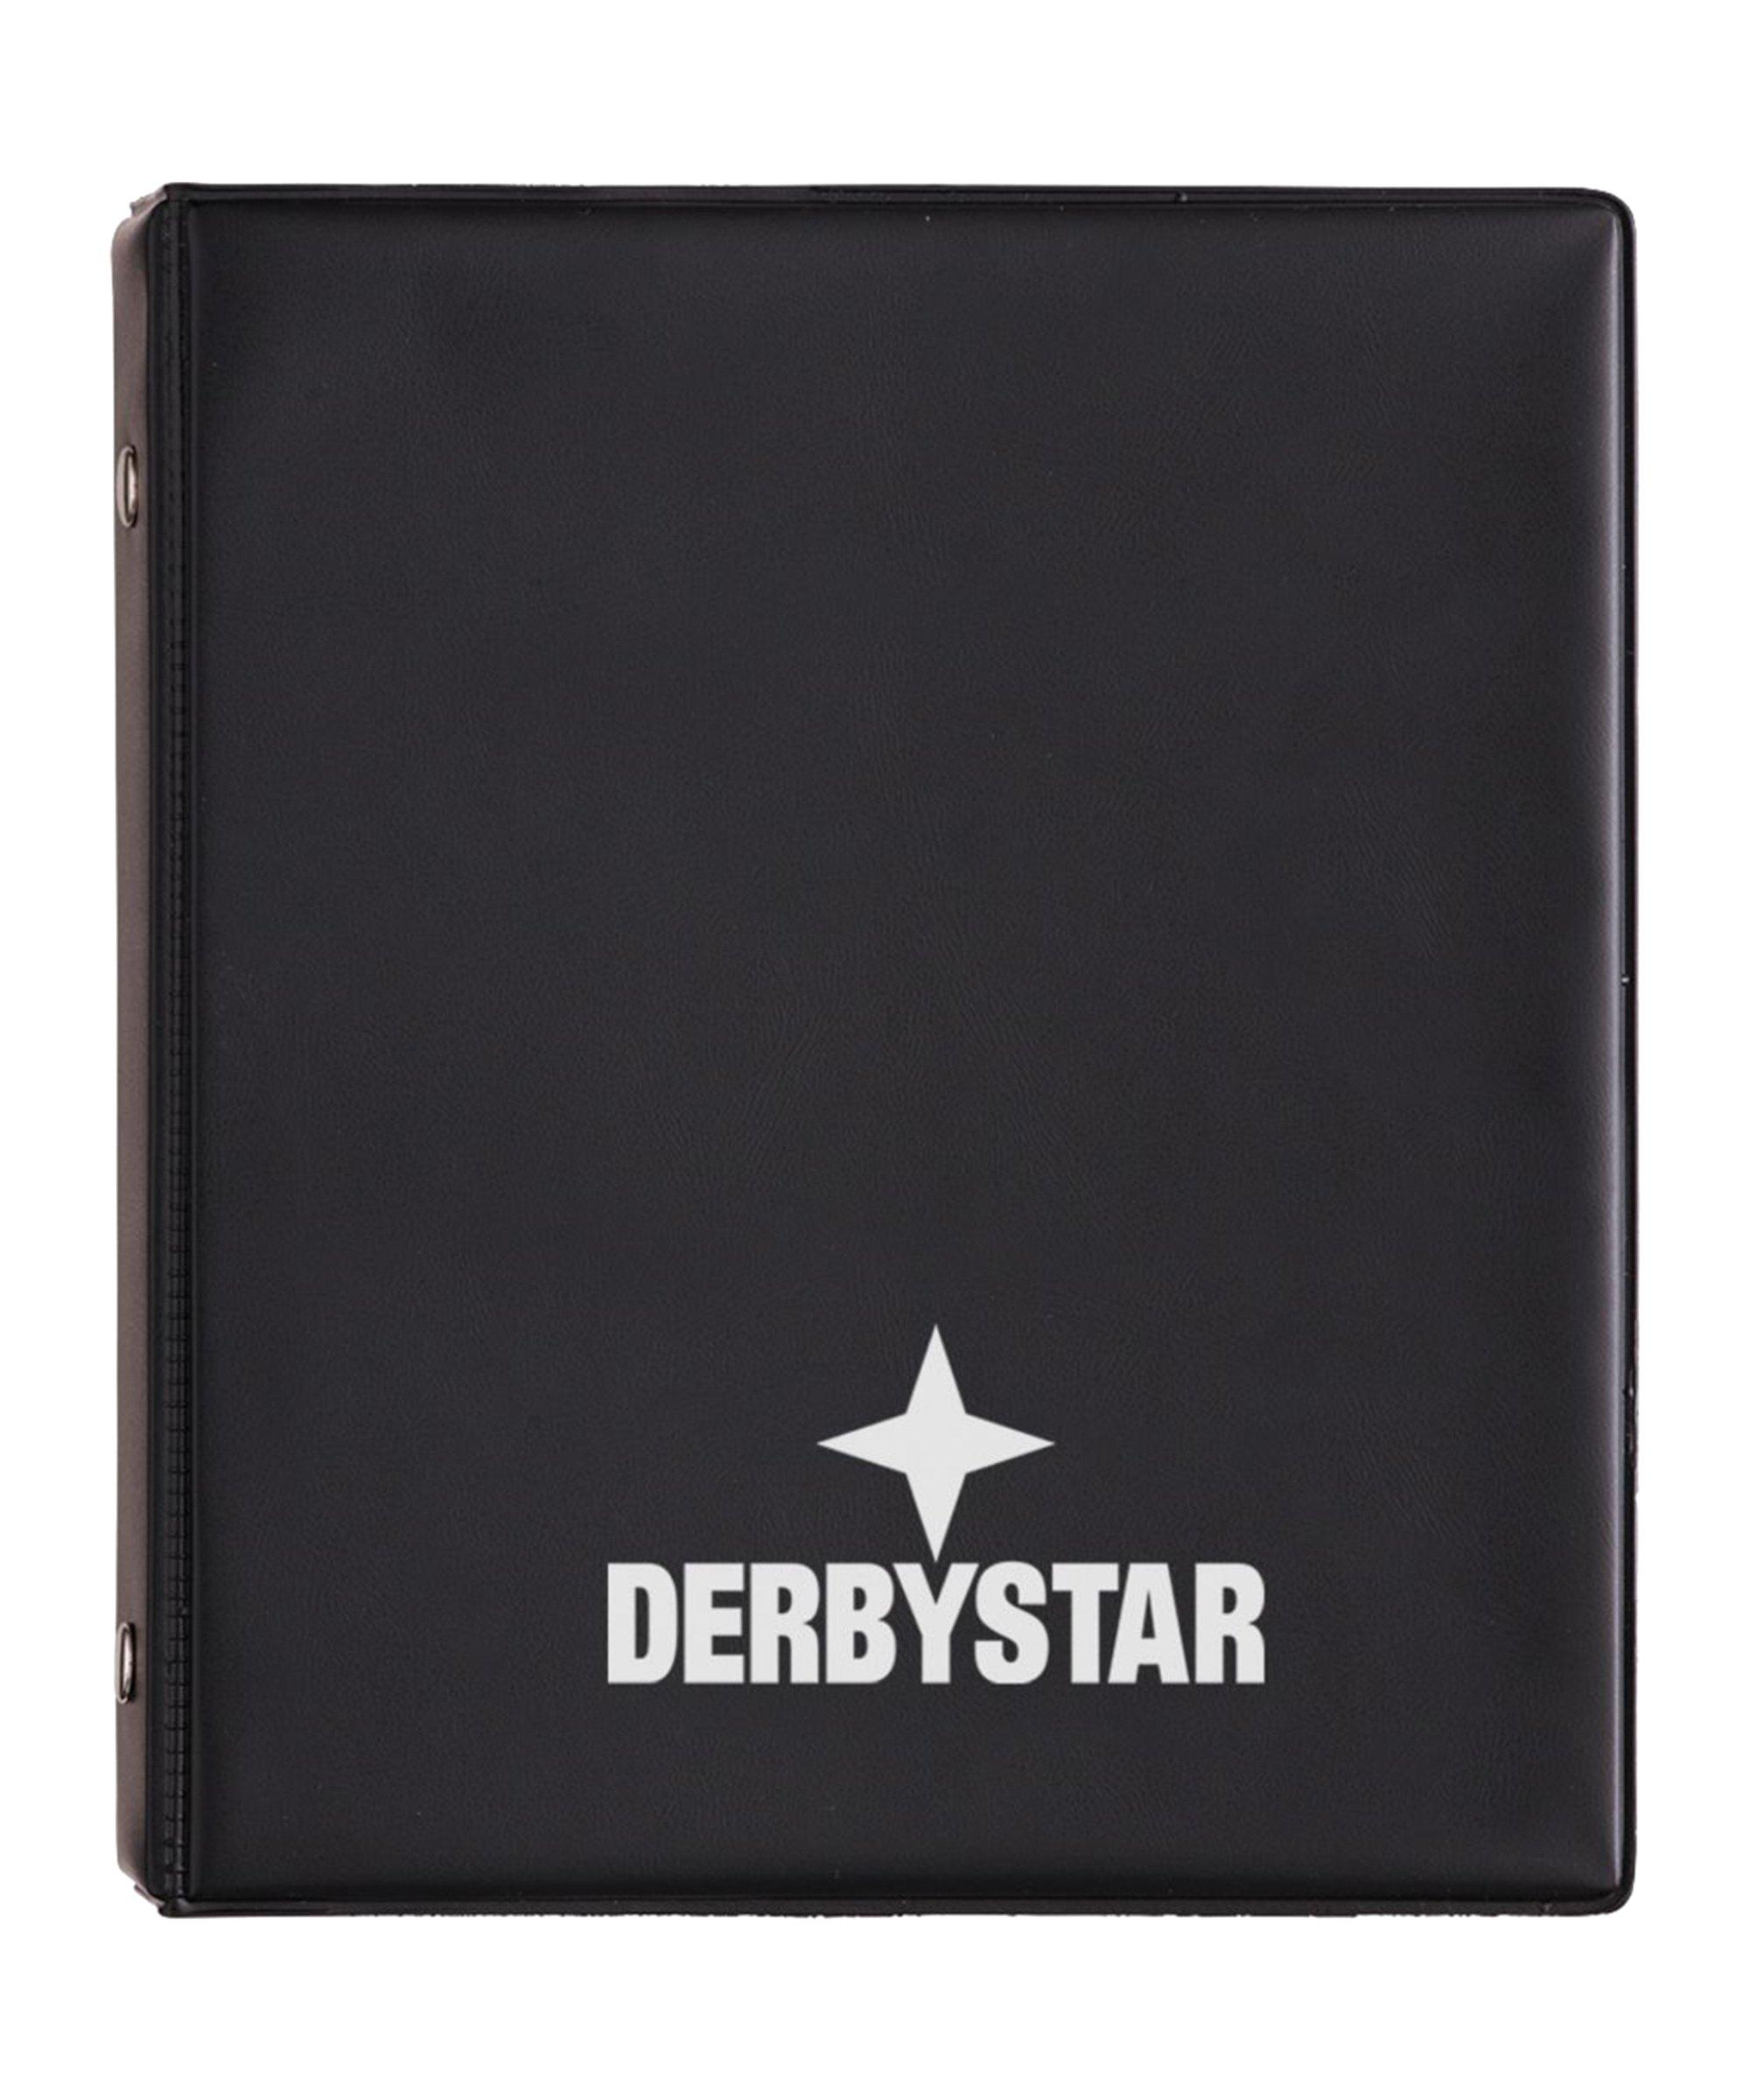 Derbystar Spielermappe Schwarz - schwarz